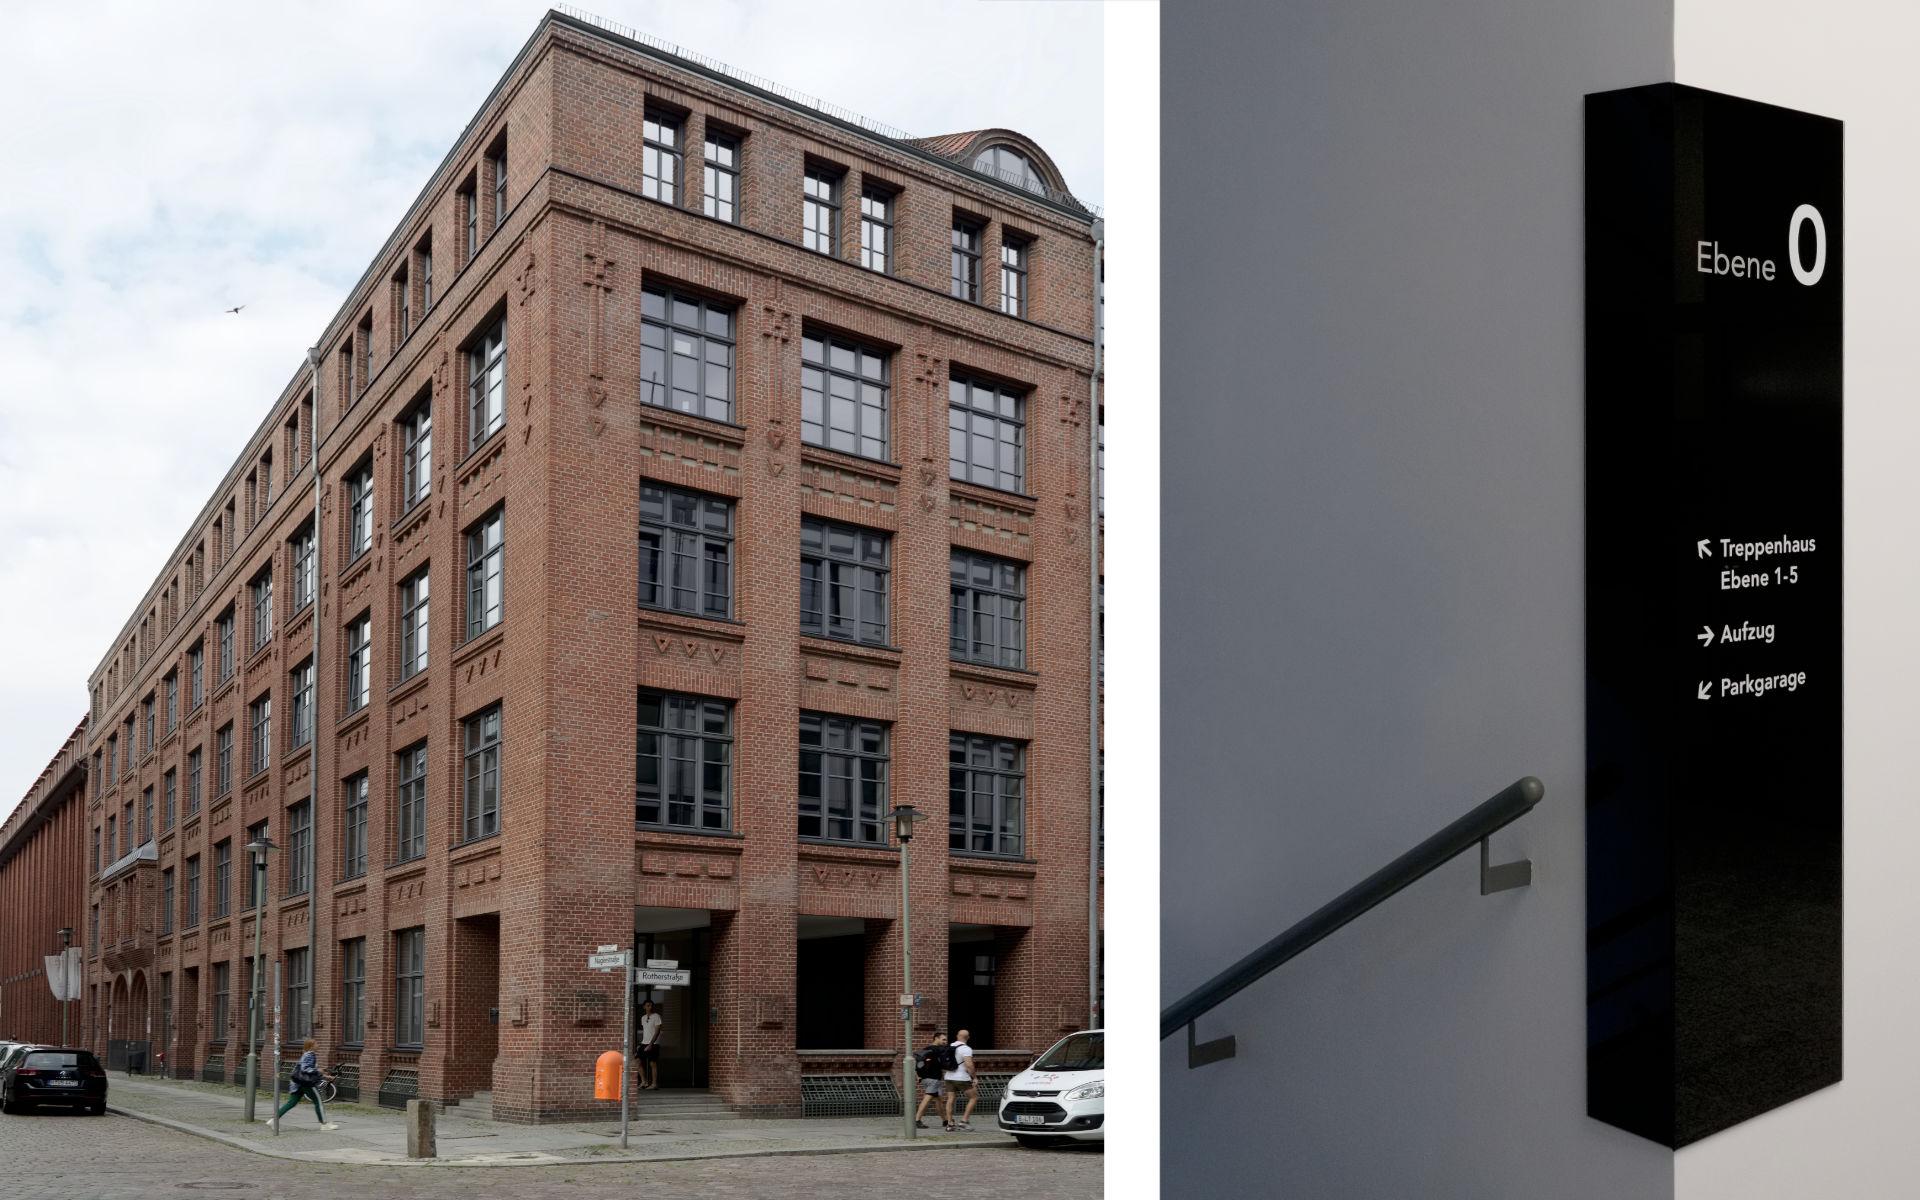 Oberbaumcity Mieteruebersicht Buerohaus Beschilderung Leitsystem Design Berlin UV2